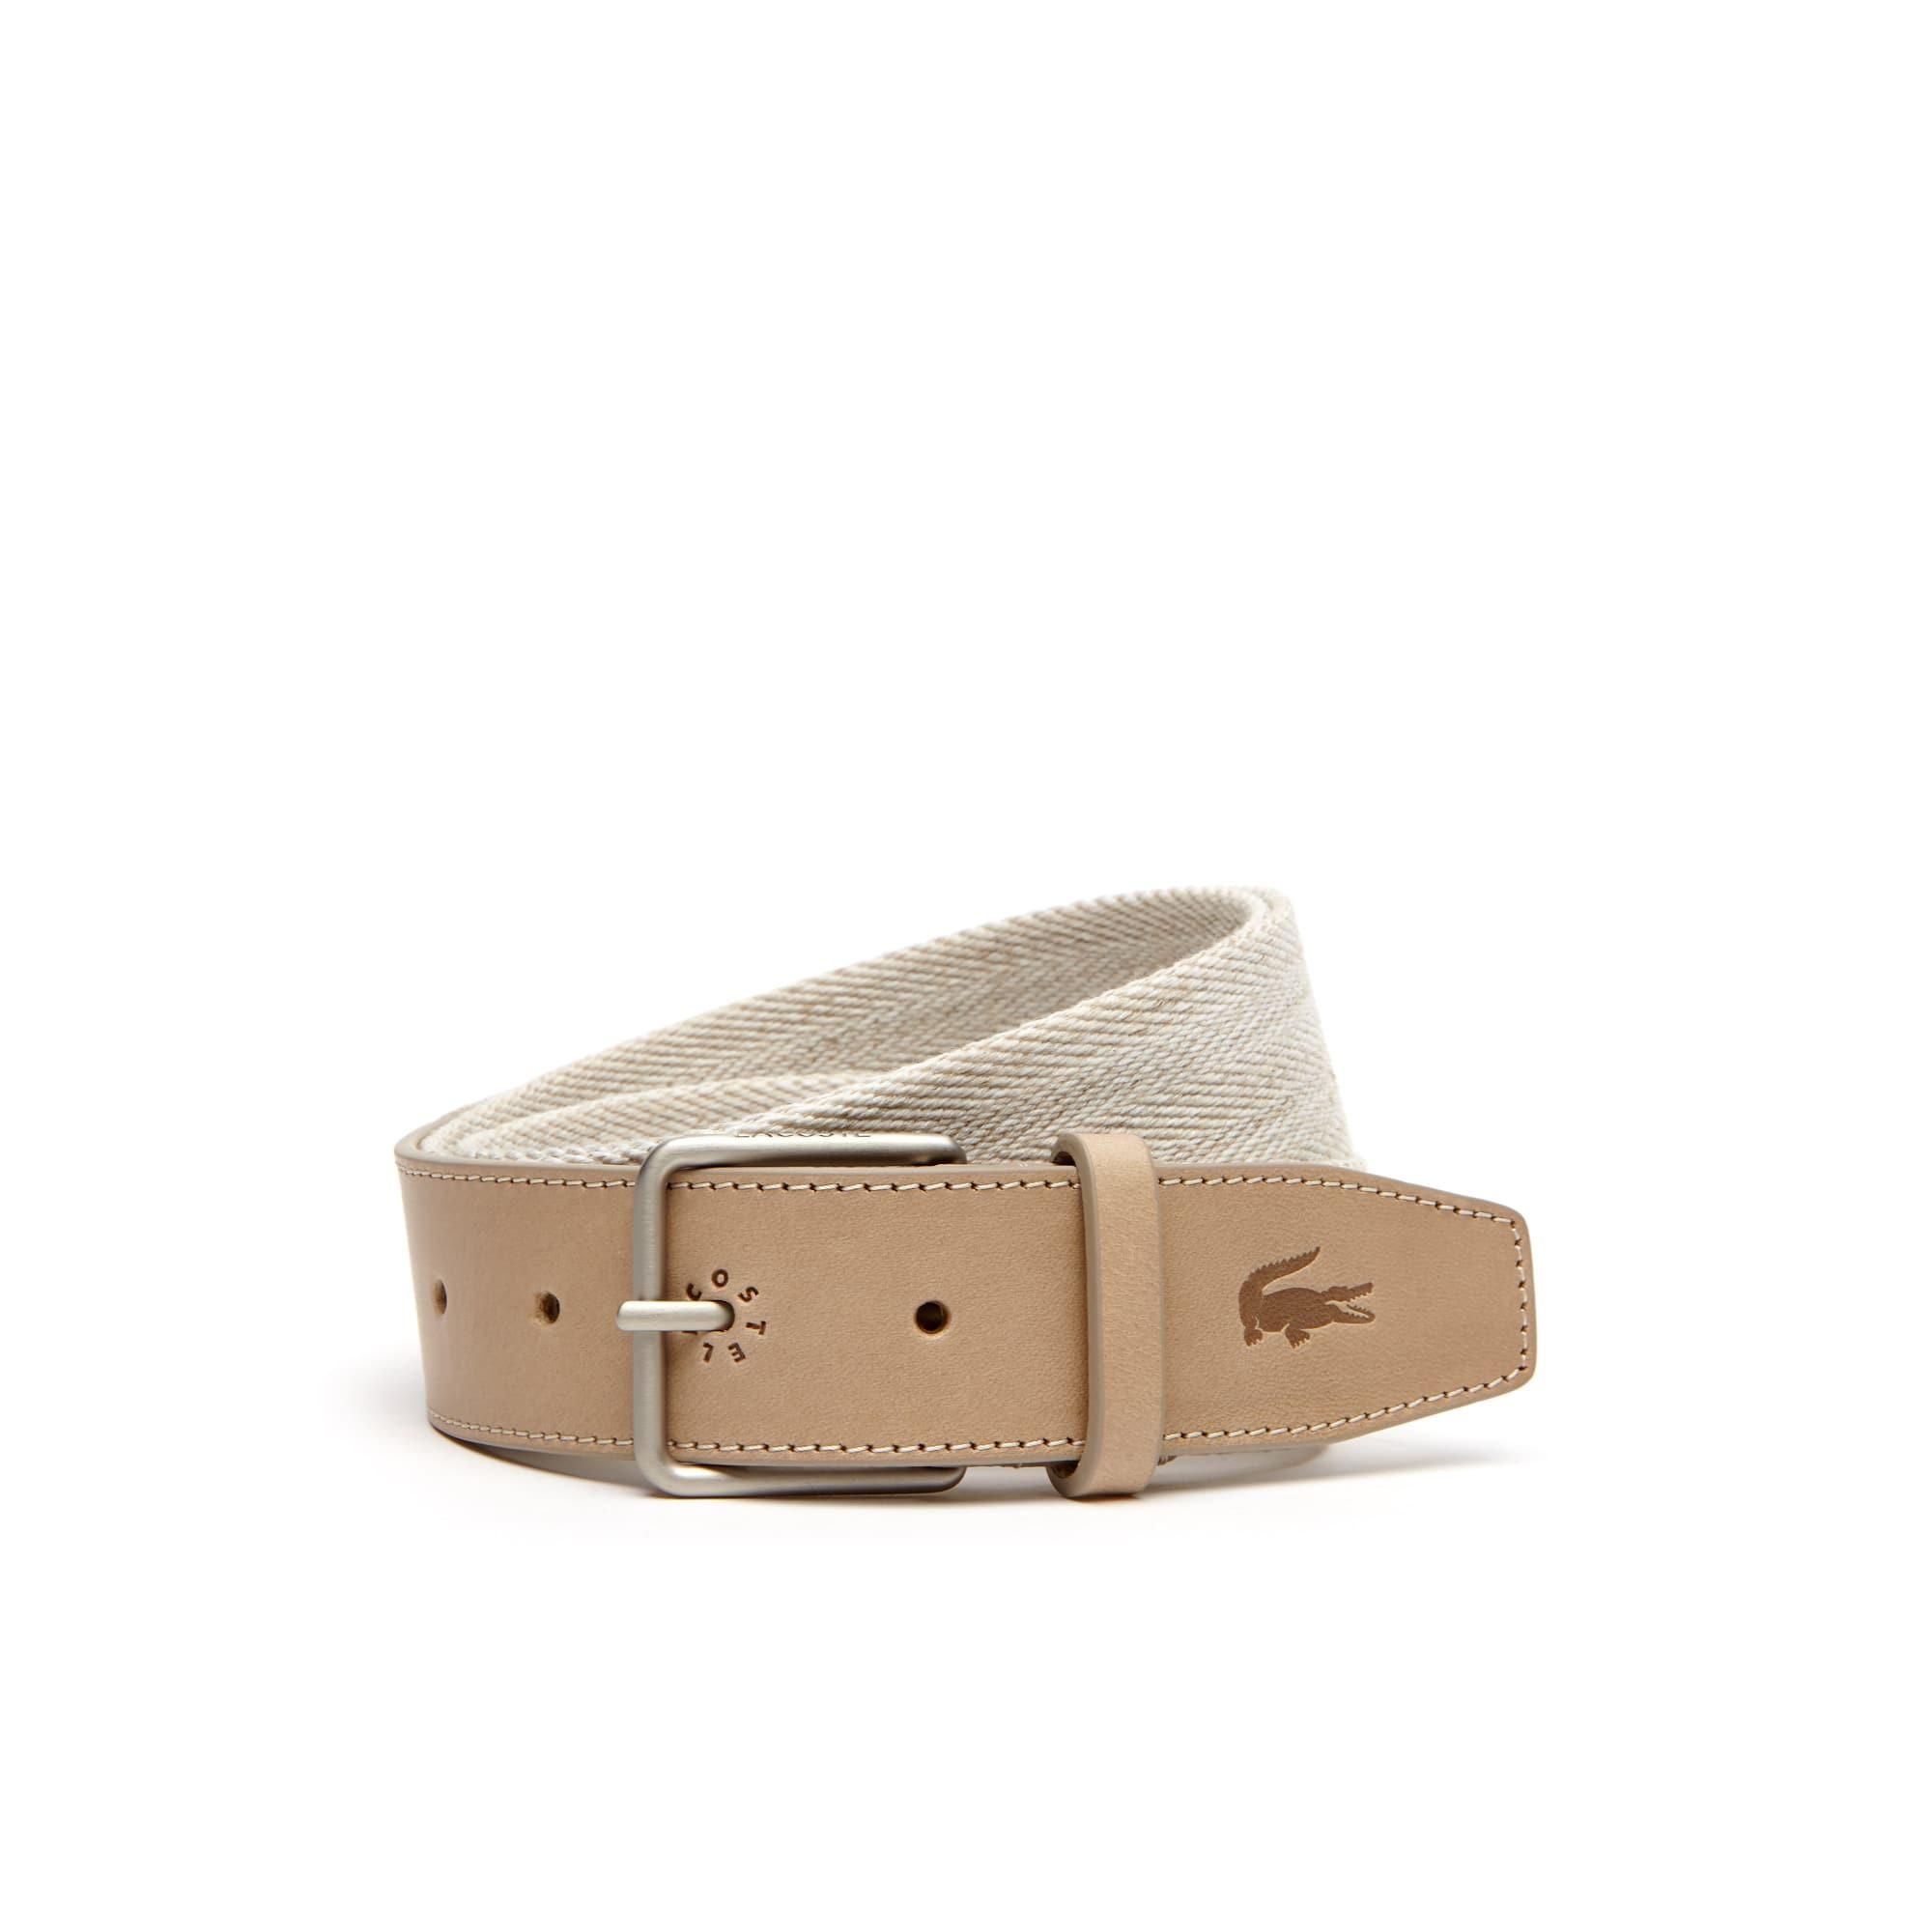 Cinturón de cuero y correa con hebilla de lengüeta